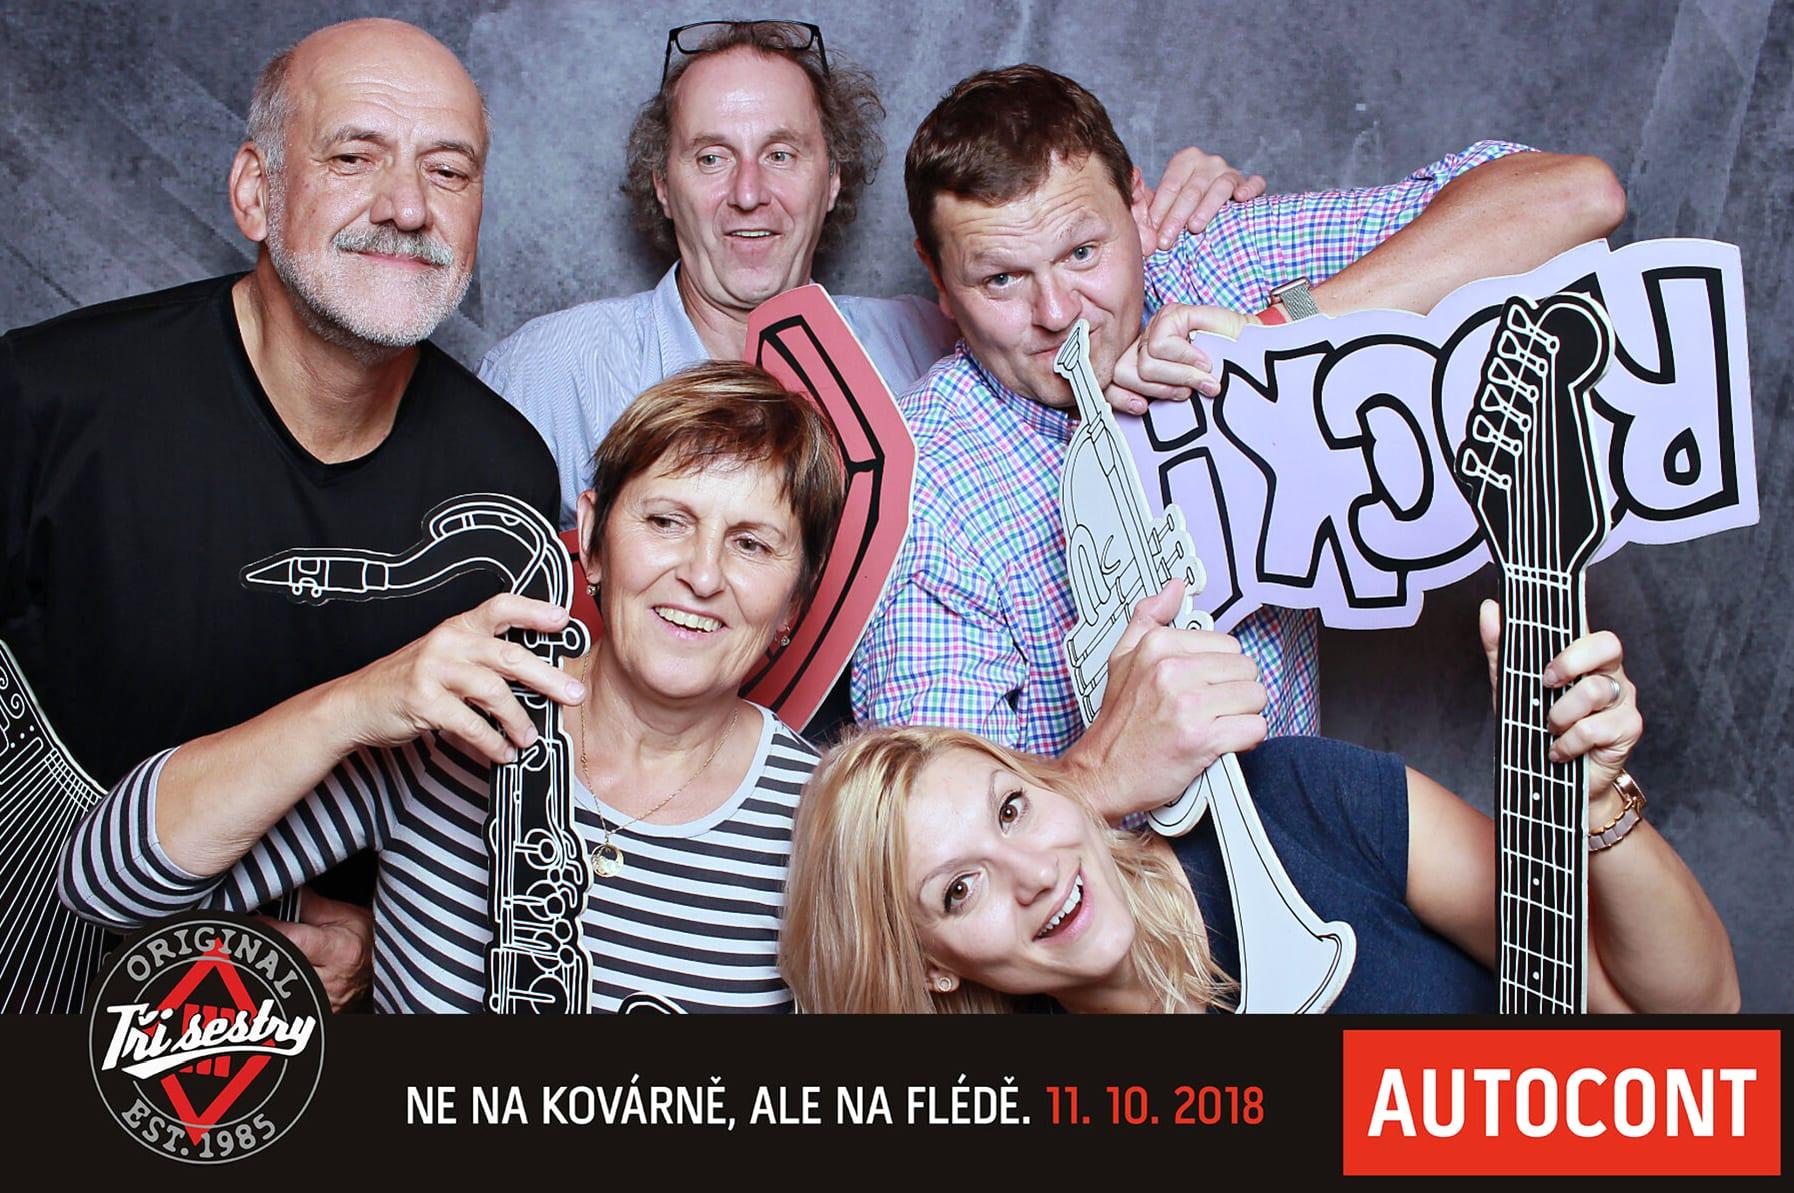 fotokoutek-autocont-11-10-2018-503528